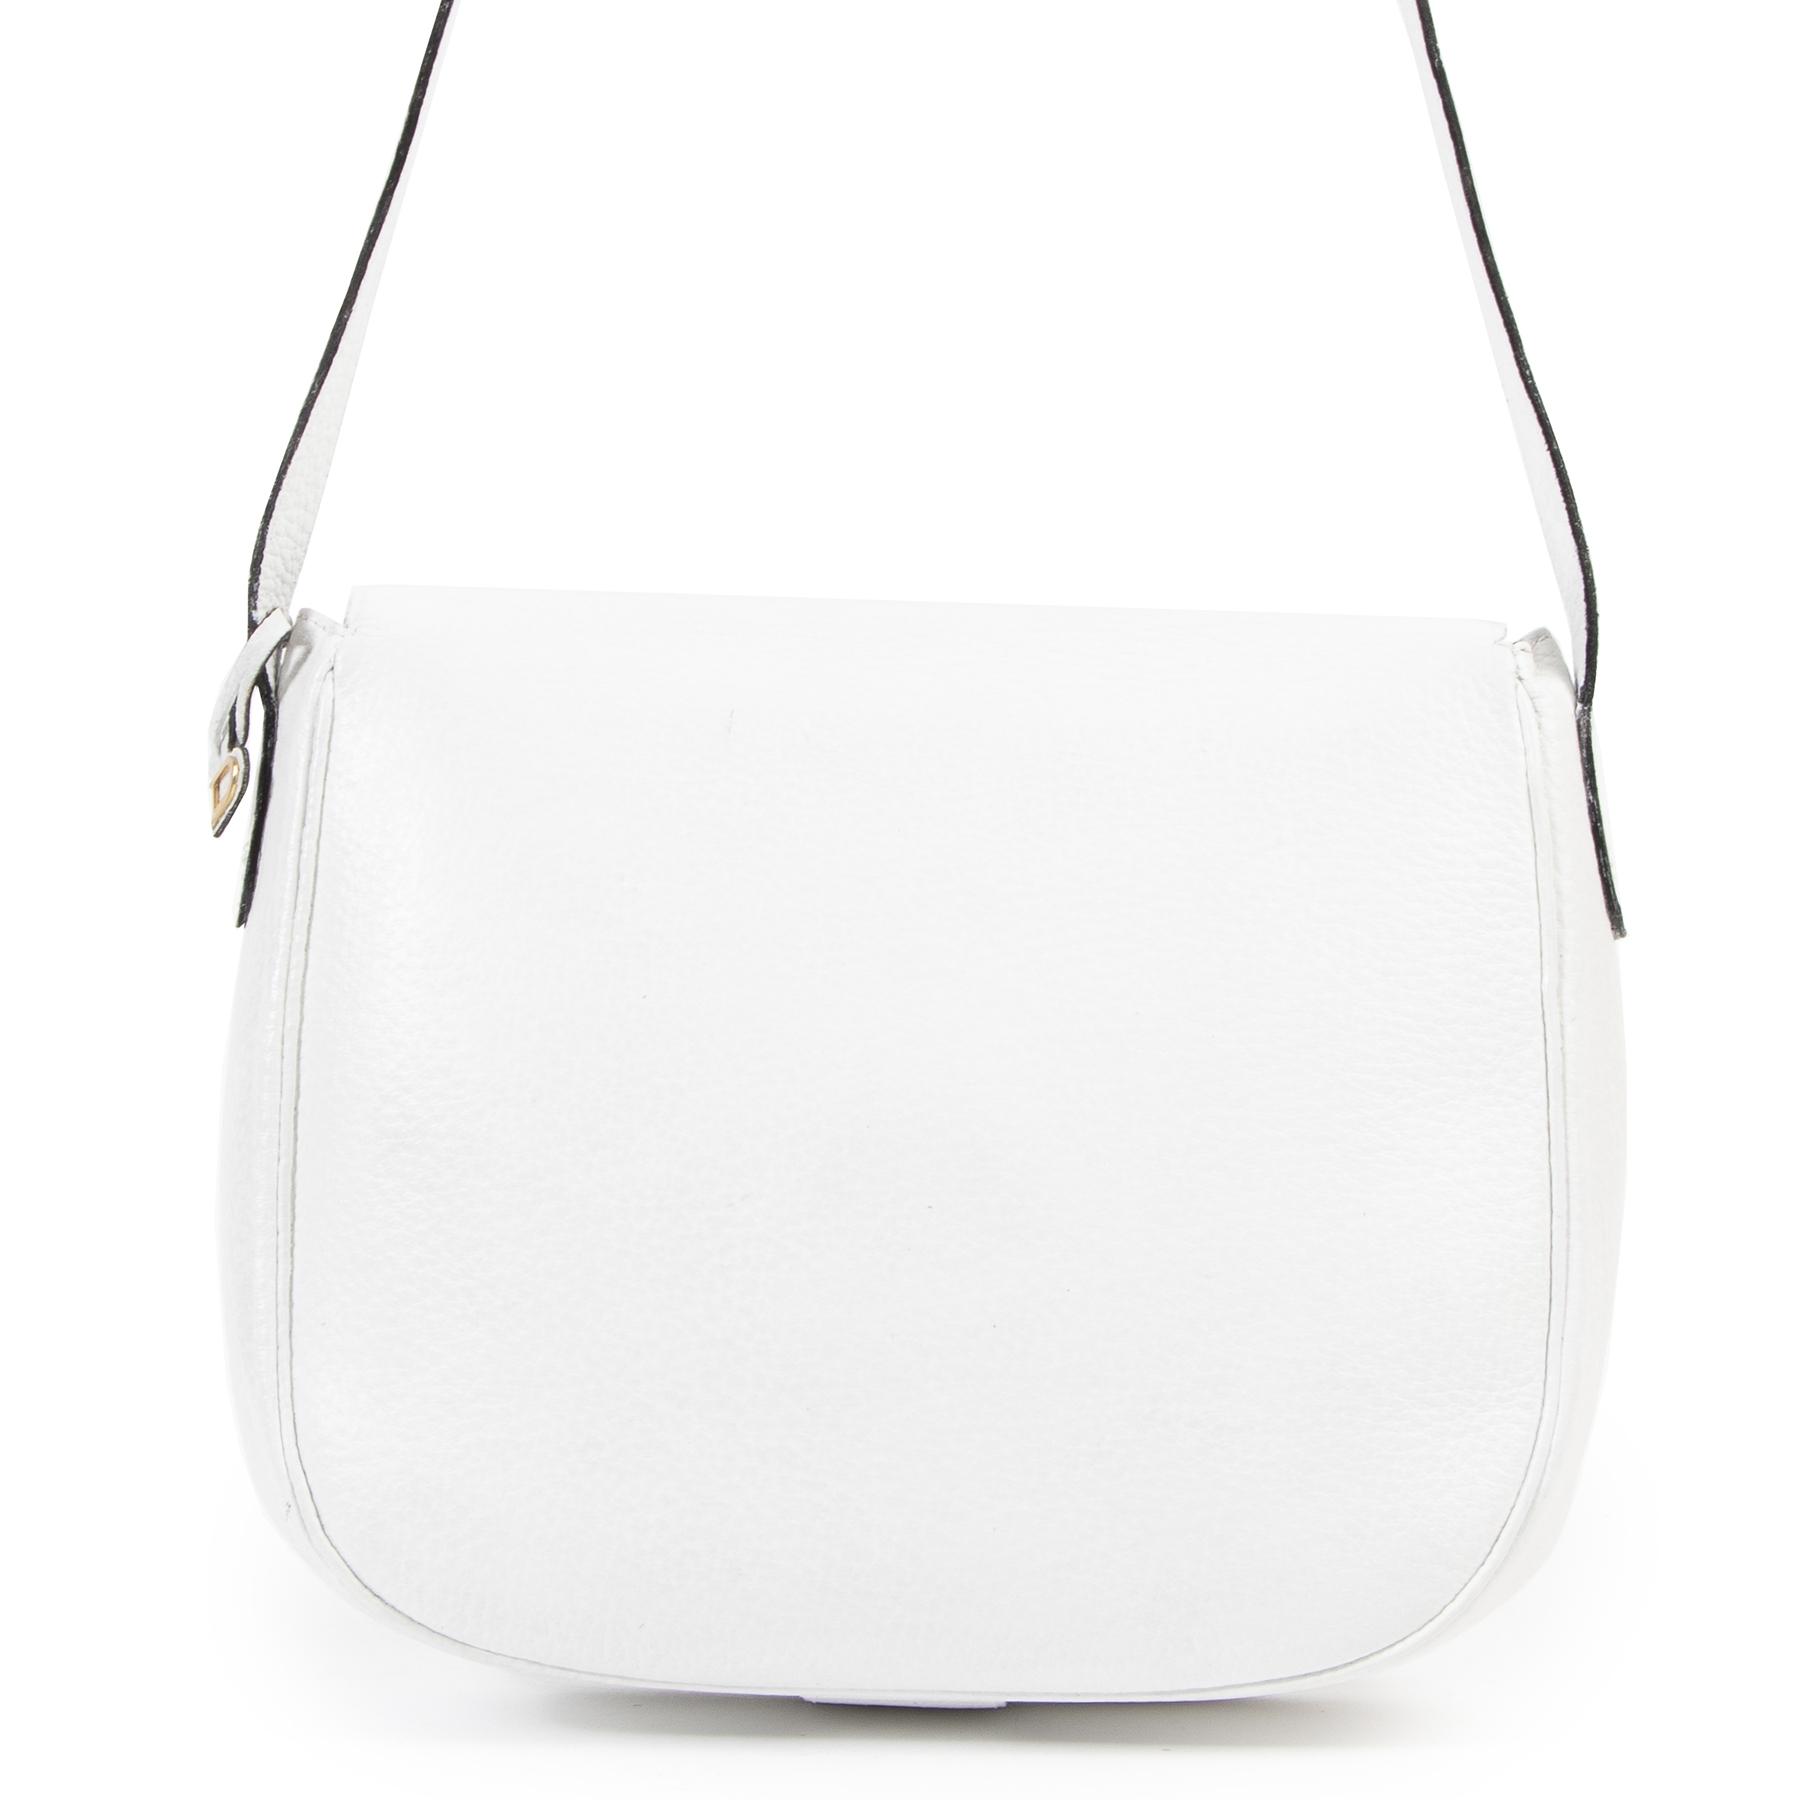 Authentieke Tweedehands Delvaux White Leather Crossbody Bag juiste prijs veilig online shoppen luxe merken webshop winkelen Antwerpen België mode fashion